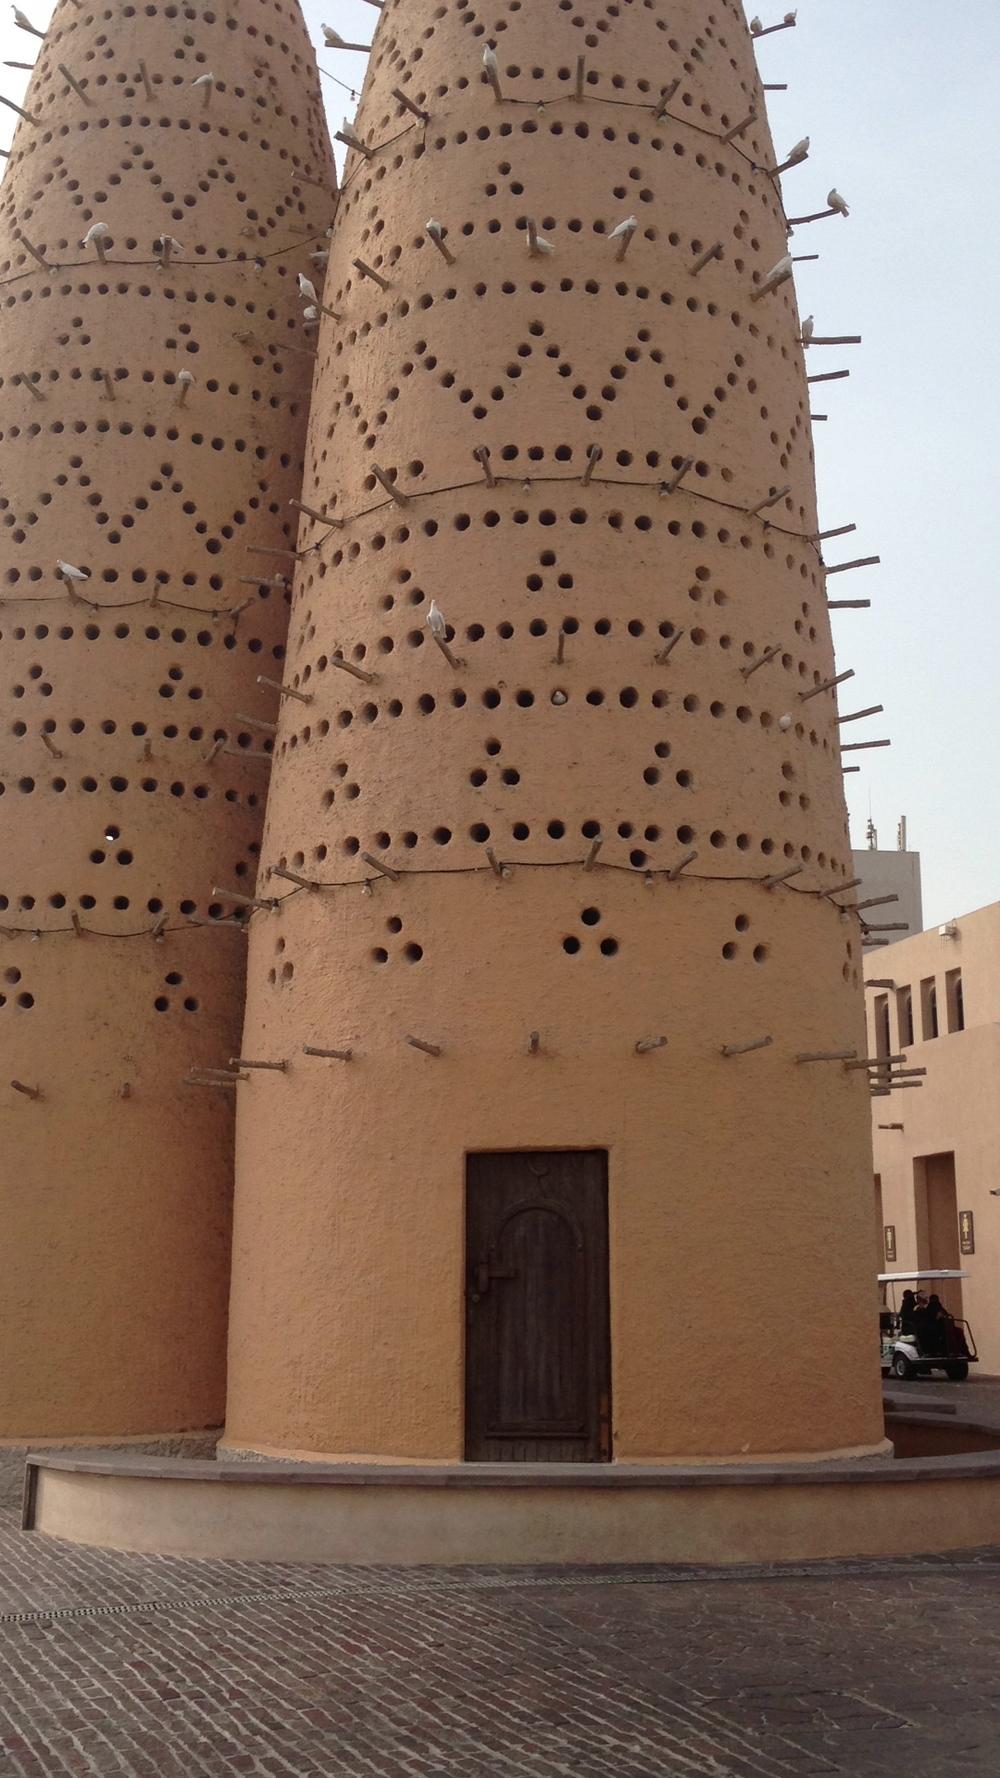 The Pigeon Towers at Katara Cultural Village